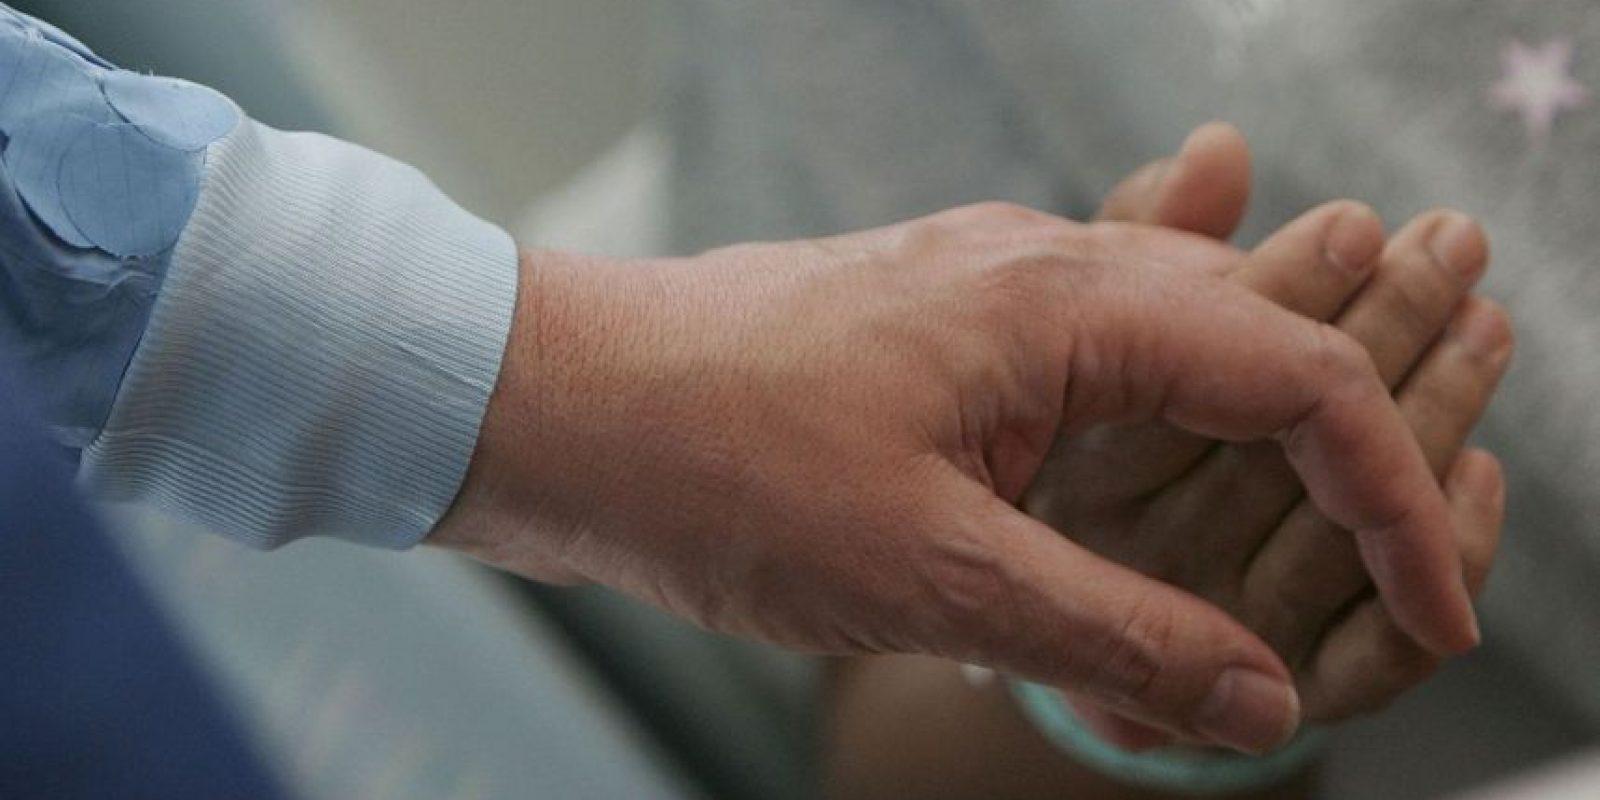 Existen varios tipos de donadores: en vida, personas fallecidas y muerte encefálica Foto:Getty Images